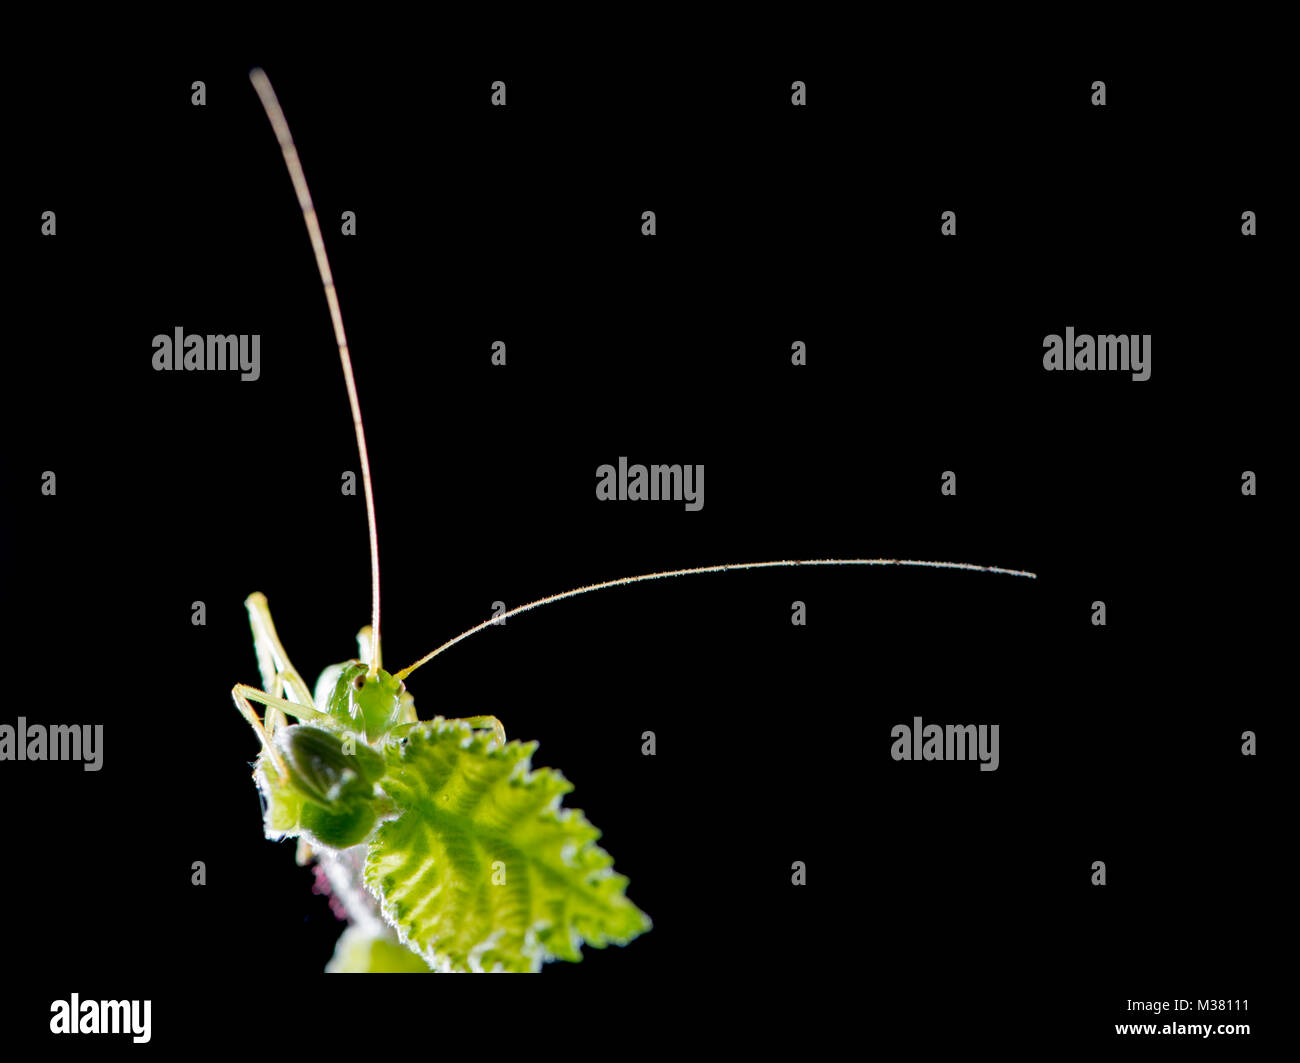 Bush-Cricket: unid sp. Familie: tettigoniidae. Übersicht langen Fühler. Stockbild